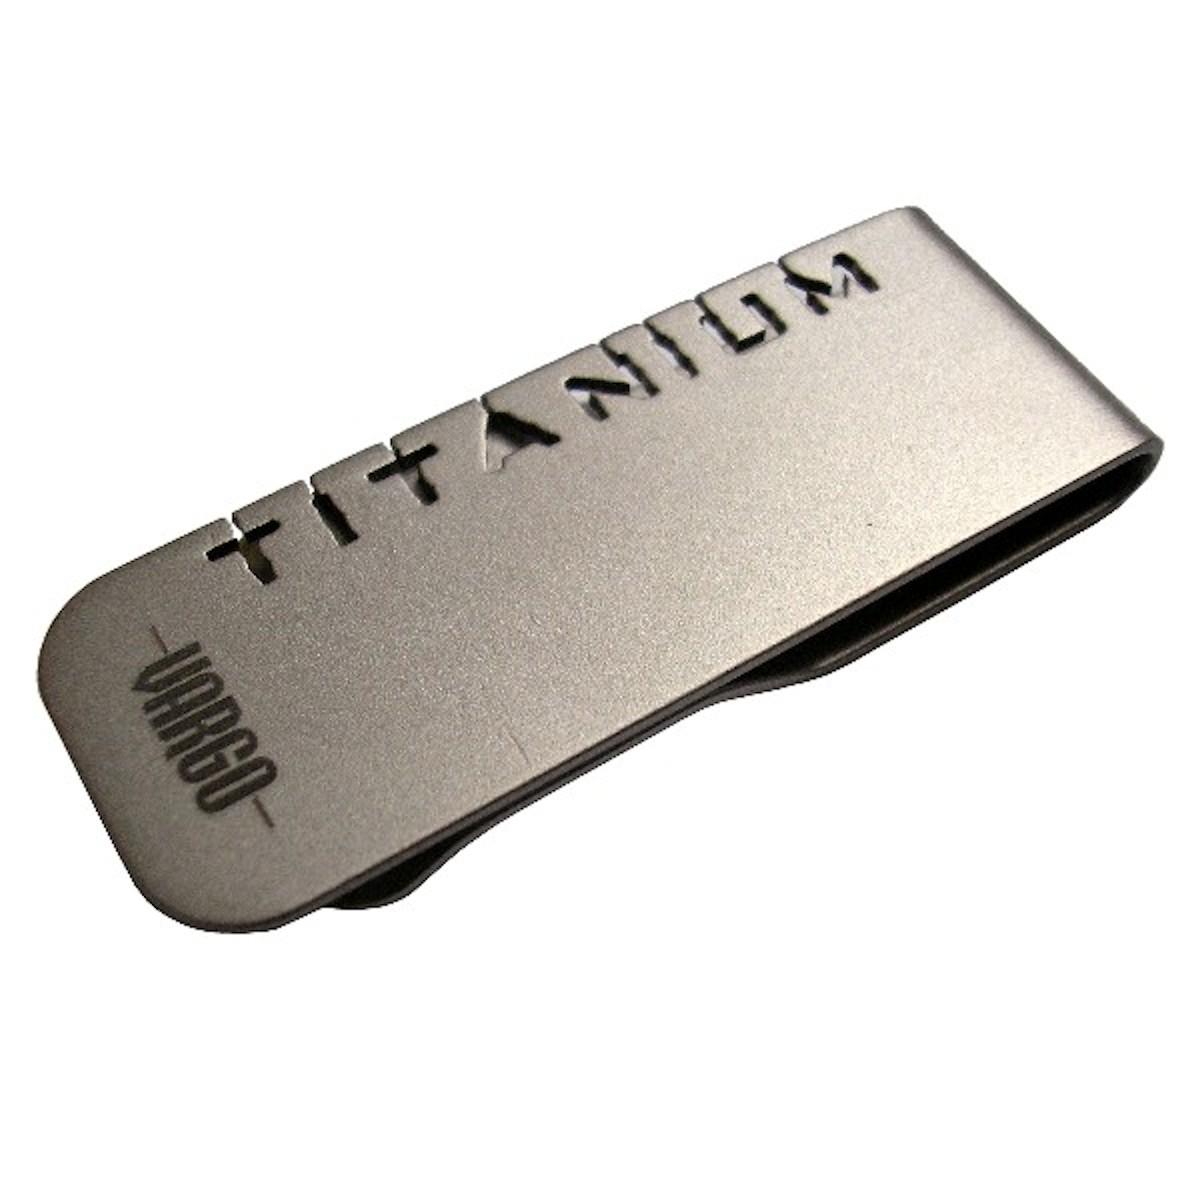 Titanium clipart.